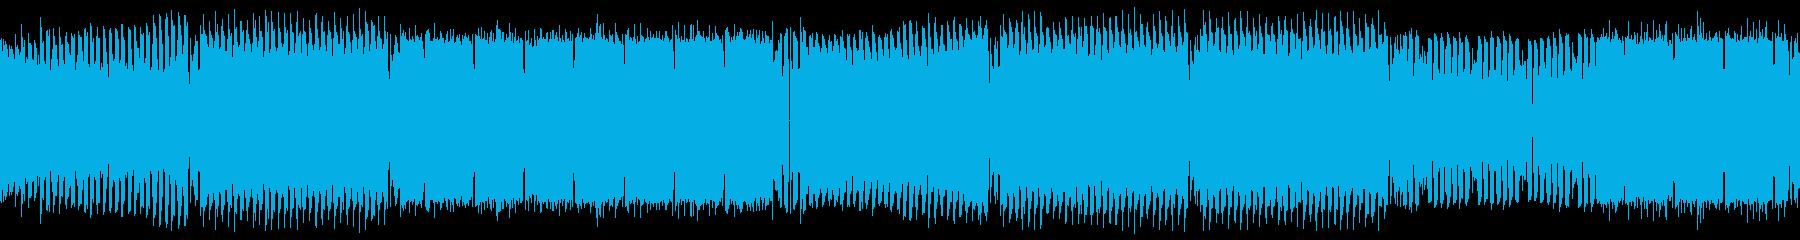 エモーショナルで華やかなEDMループの再生済みの波形